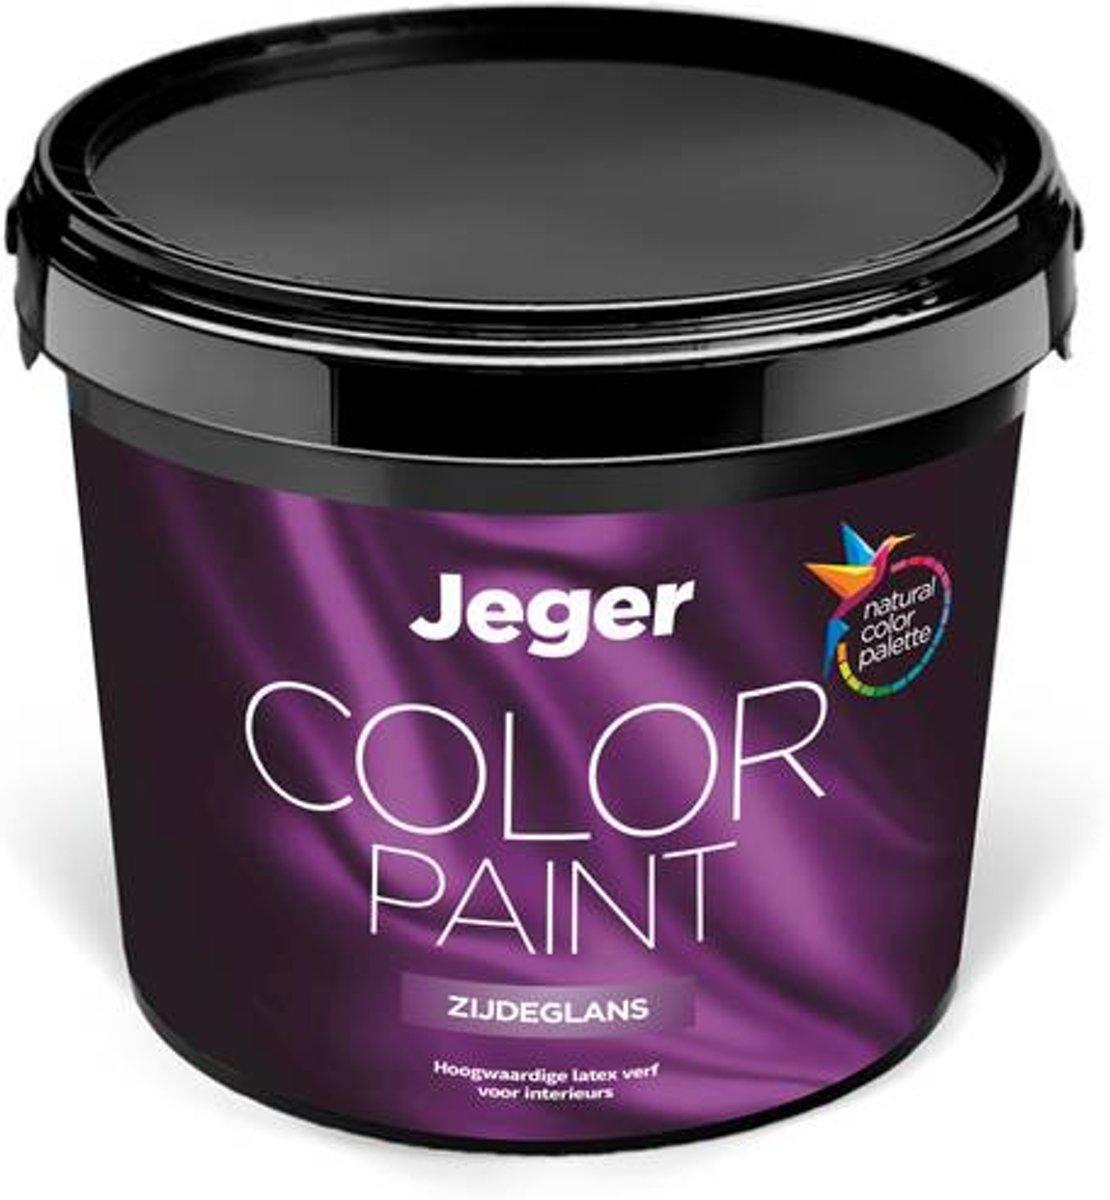 Jeger muurverf Zijdeglans voor binnen | 5 liter | Kleur Saffraangeel (RAL 1017) Saffraangeel - 5L